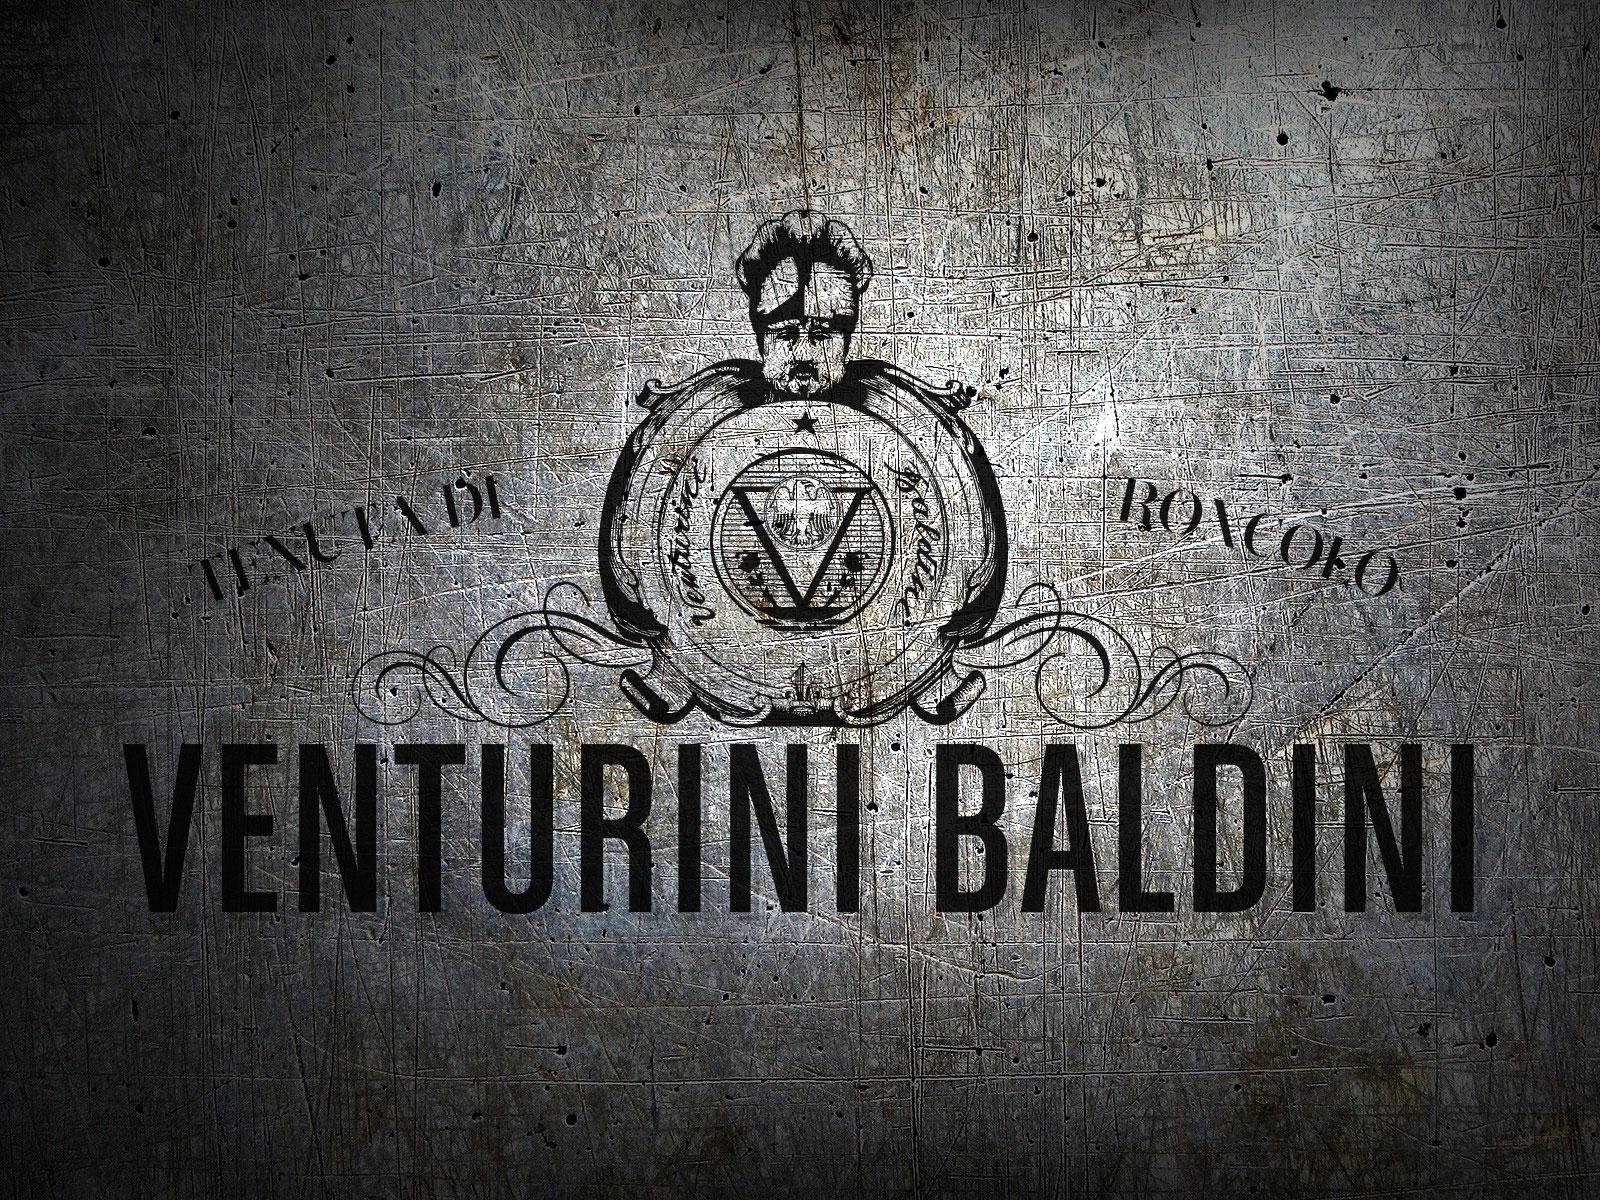 hanzo_venturini_baldini_01